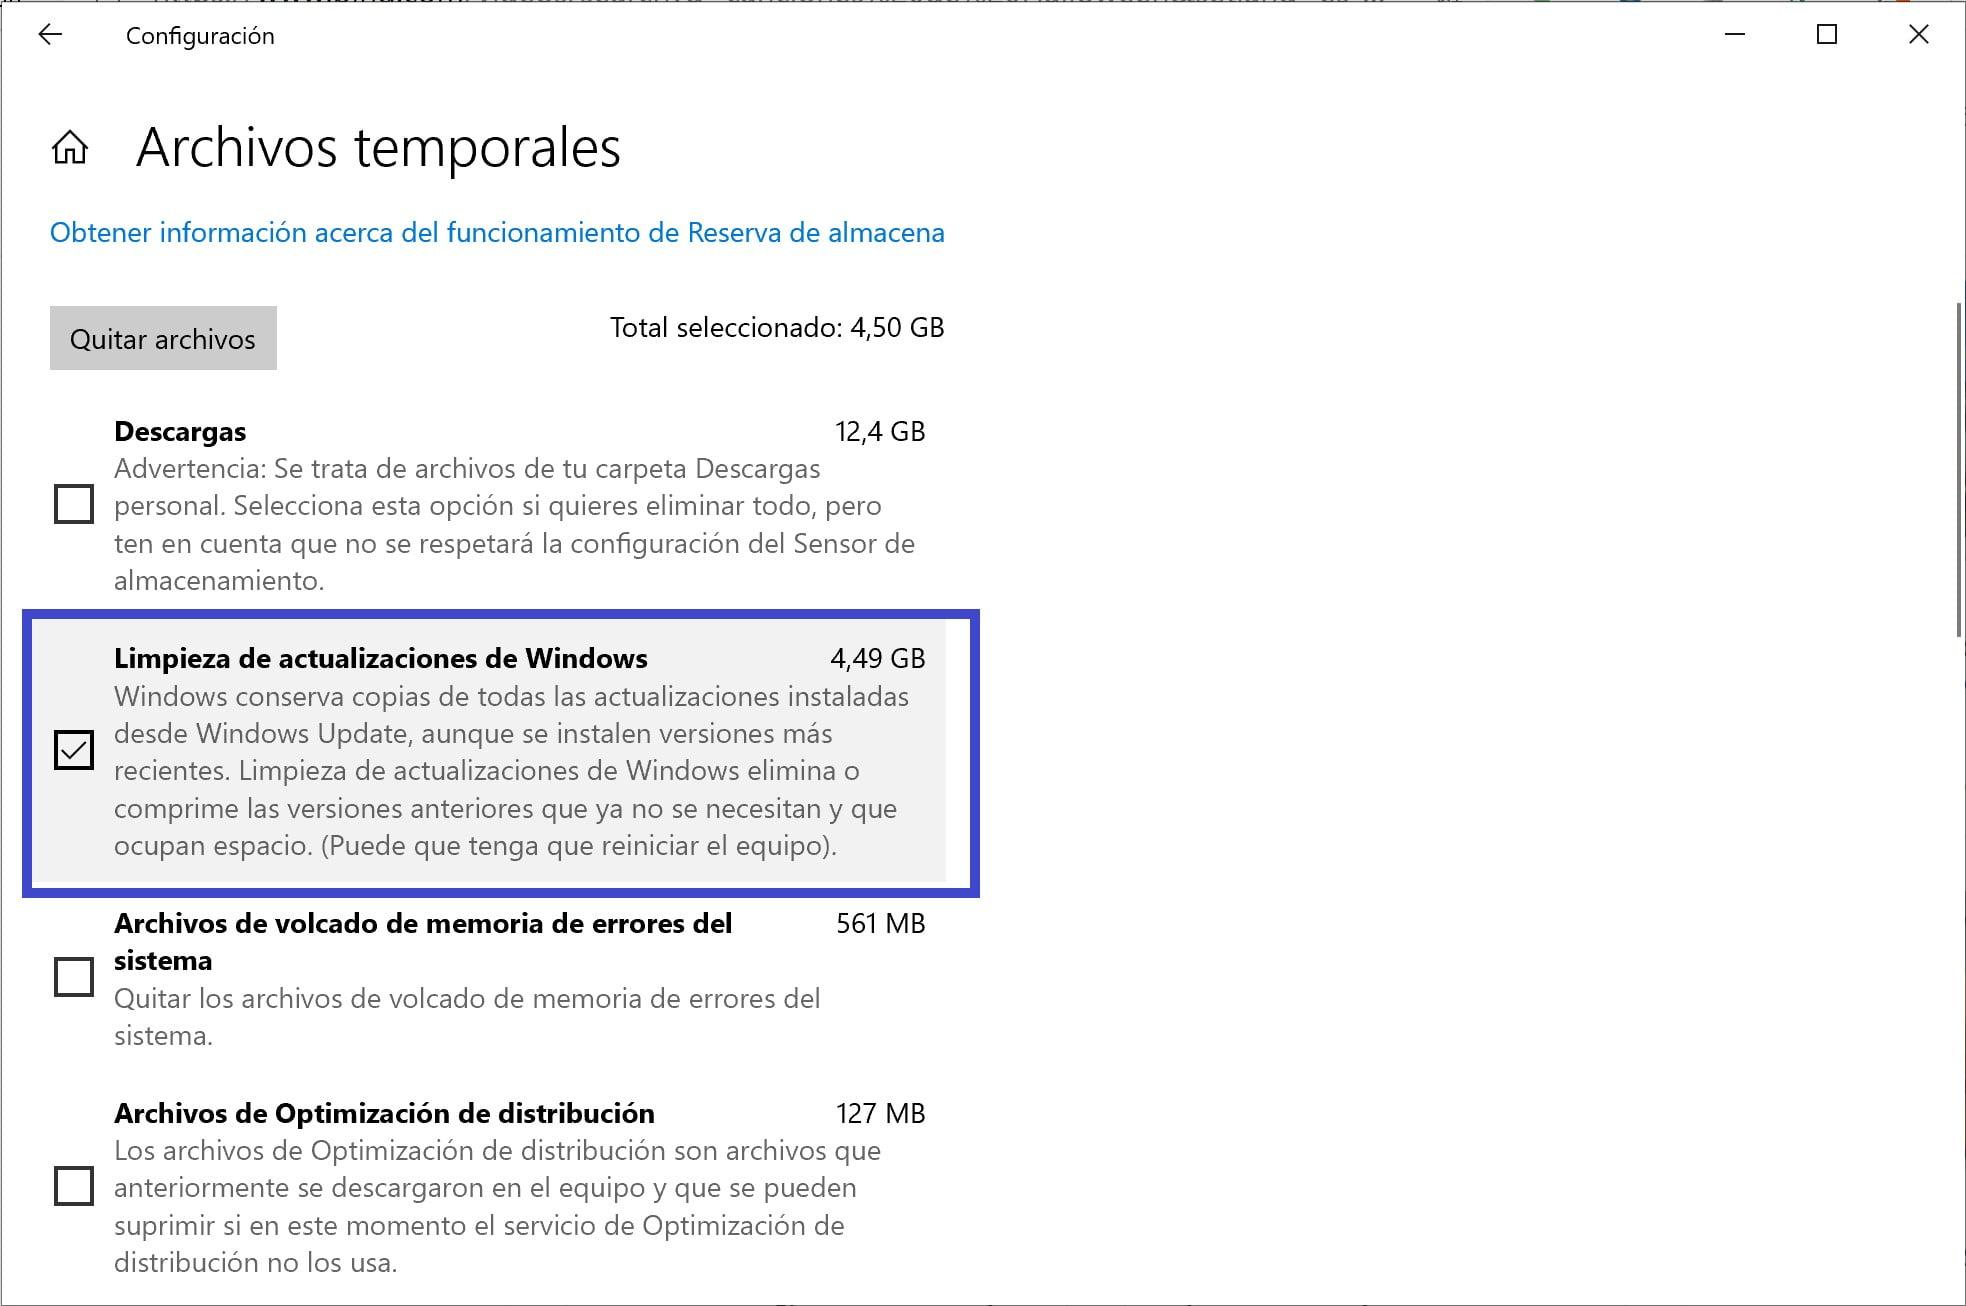 Limpieza de archivos temporales de actualización a Windows 10 20H2